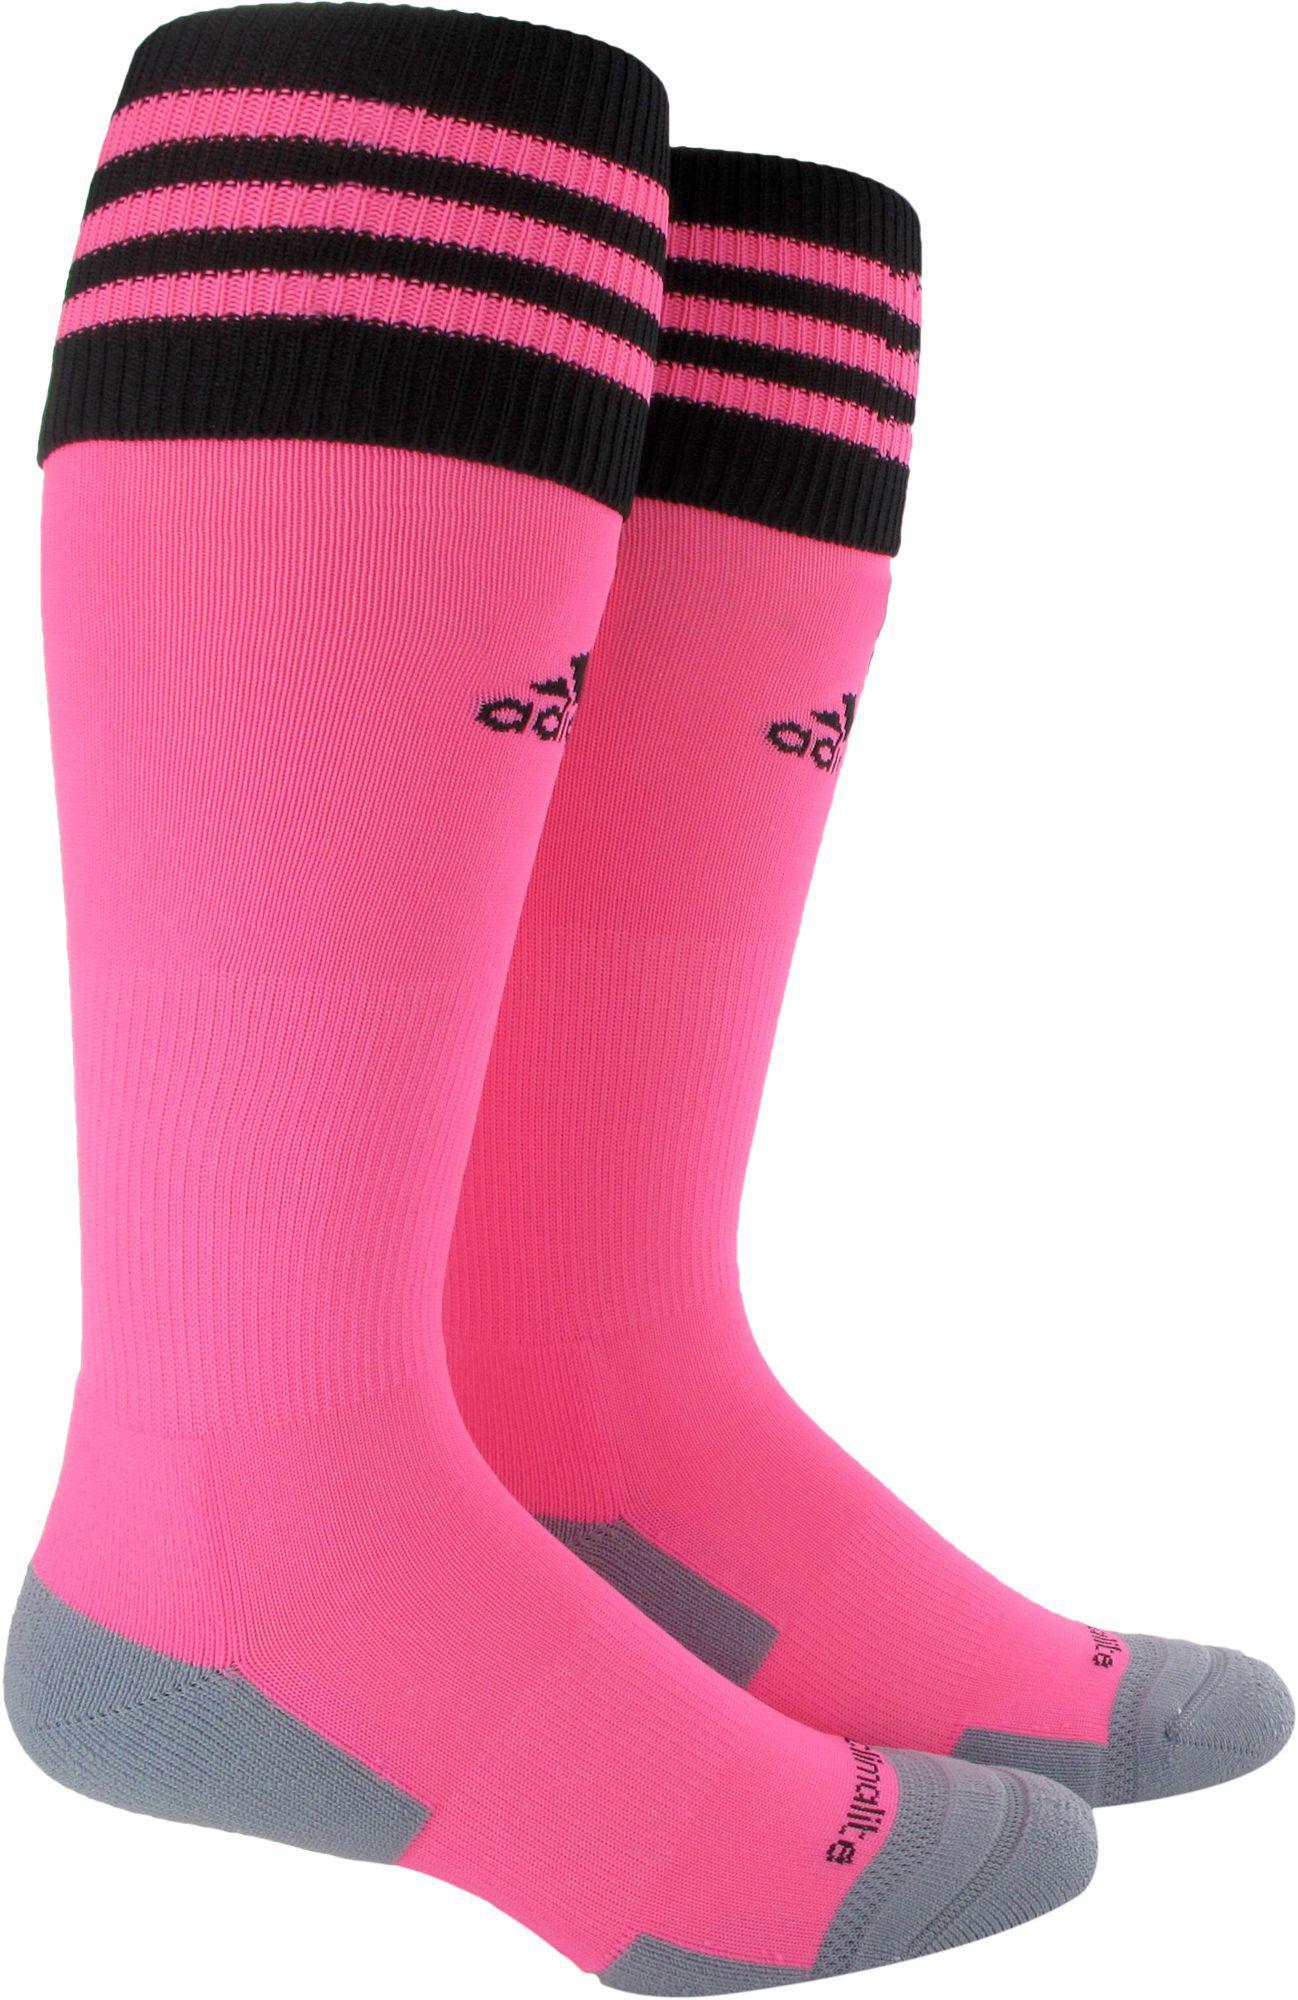 79b3650c0 adidas Copa Zone Cushion Ii Soccer Socks in Pink - Lyst